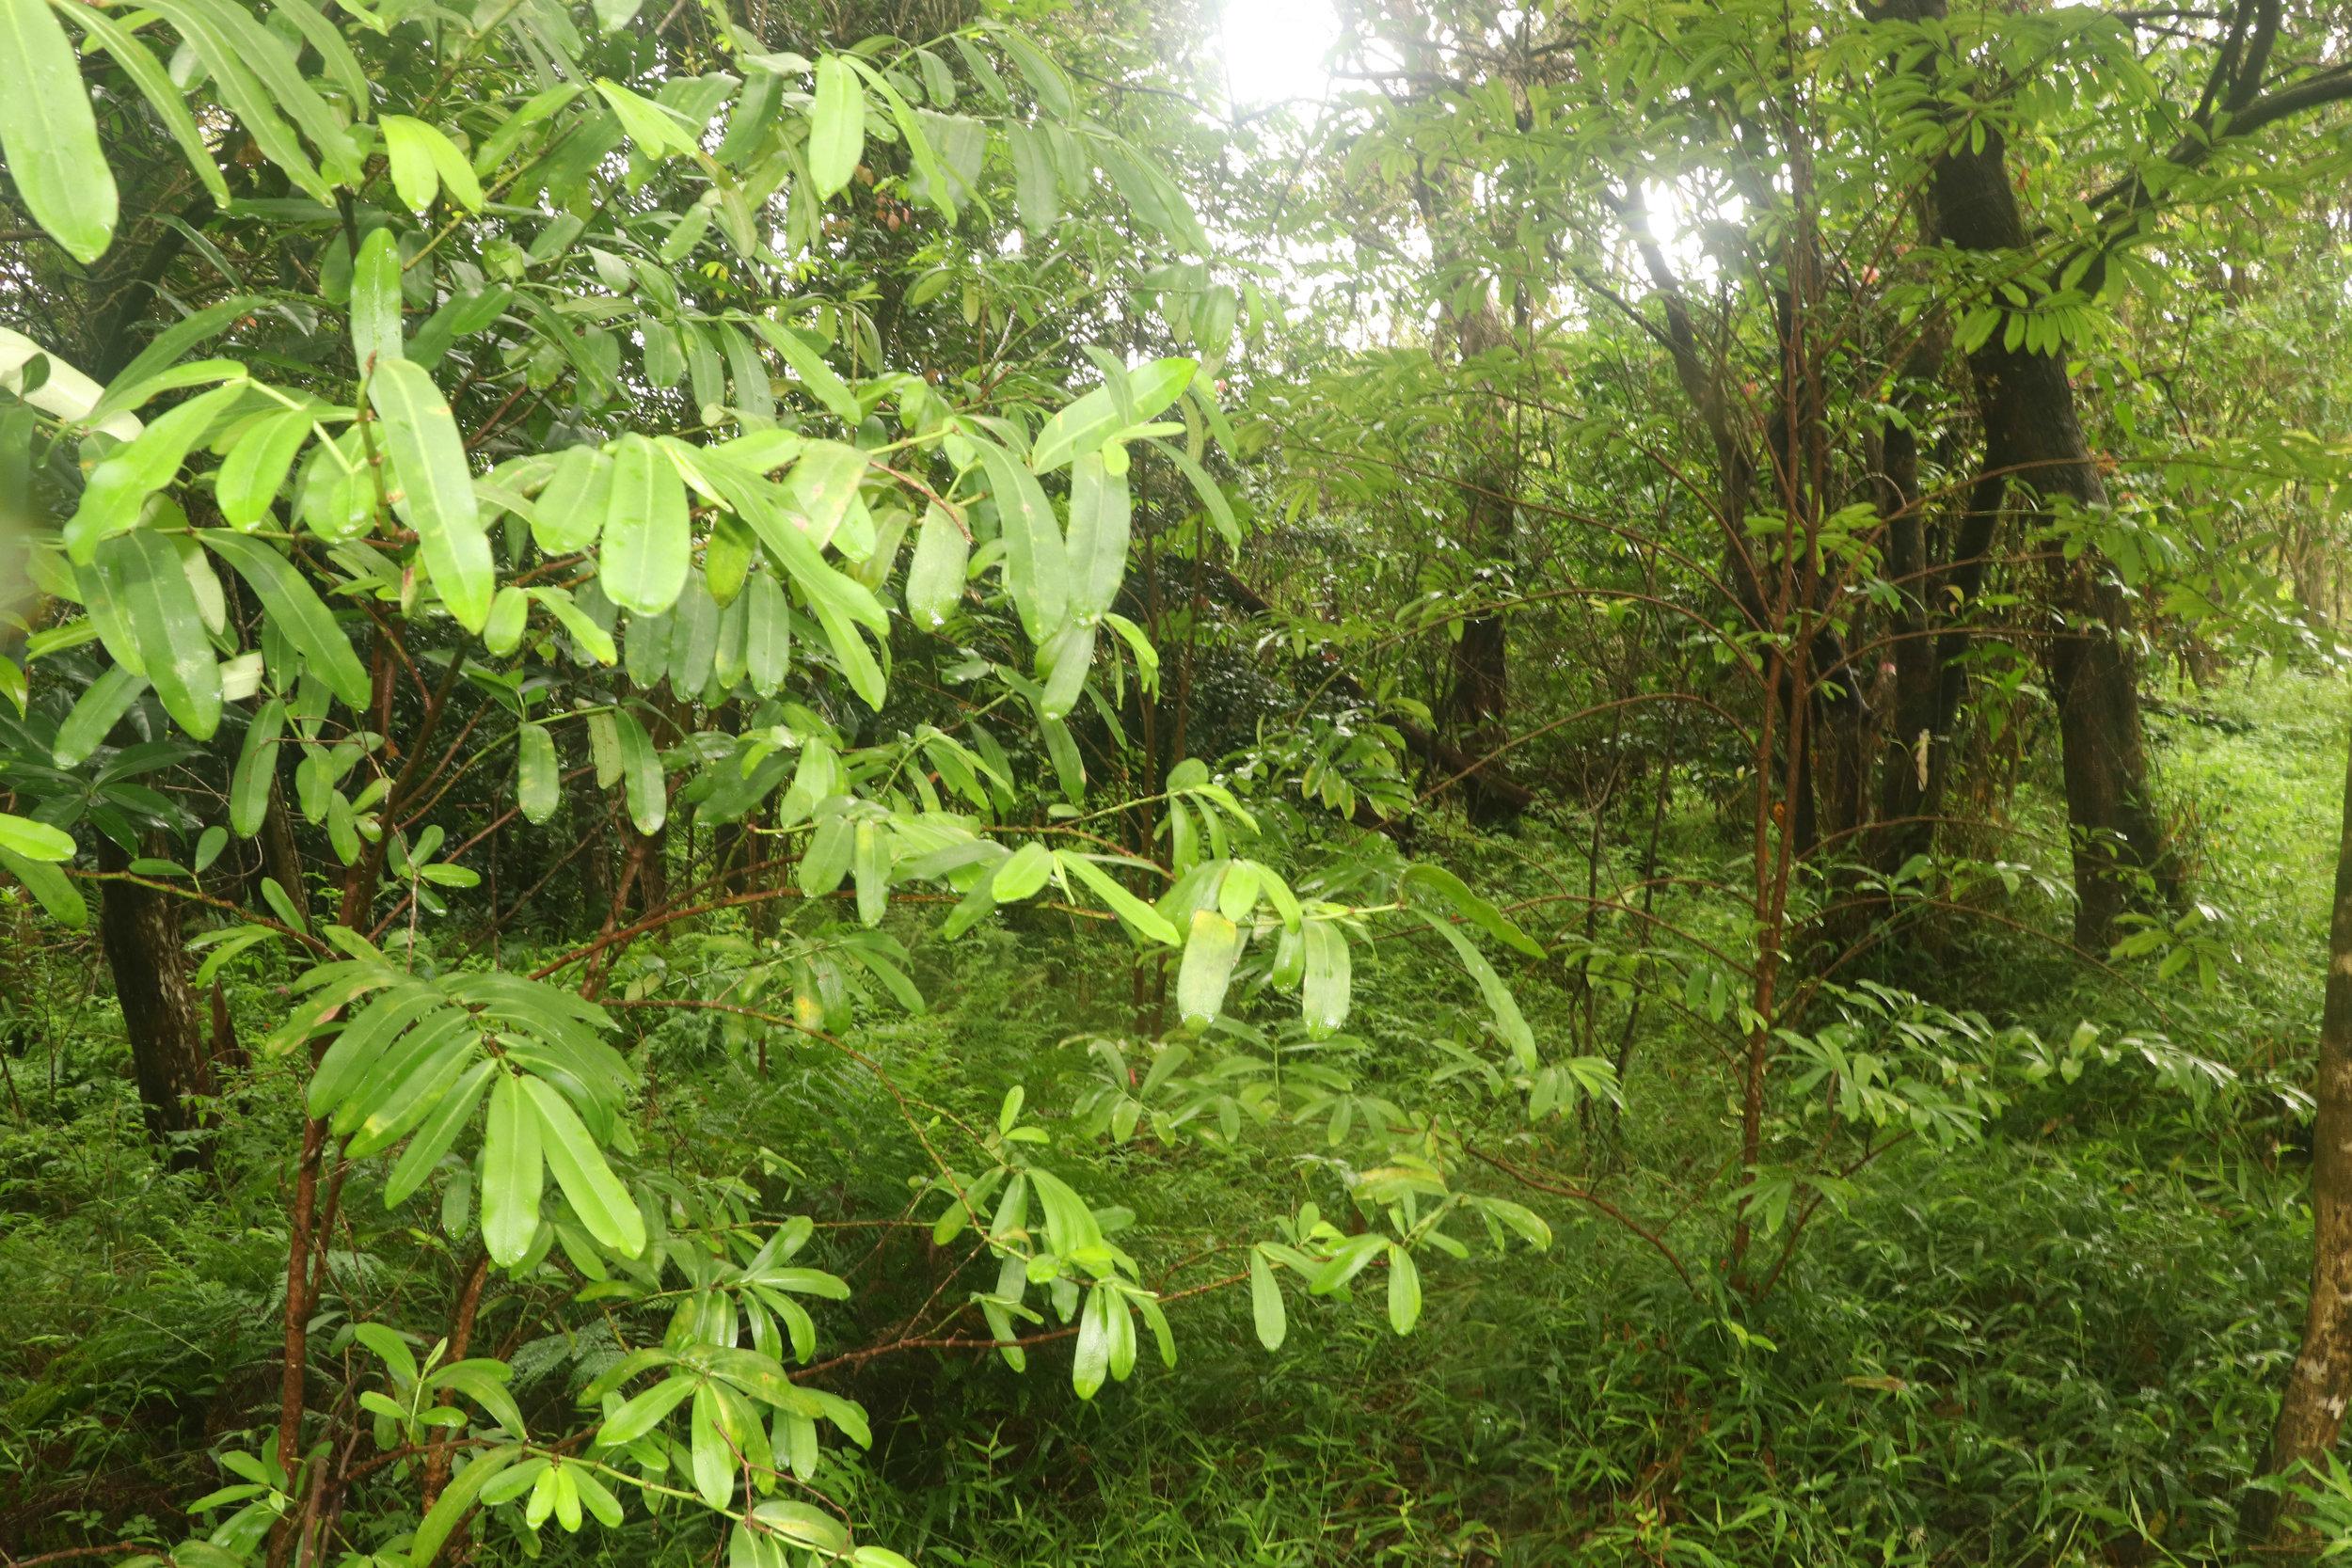 ʻAkoko tree